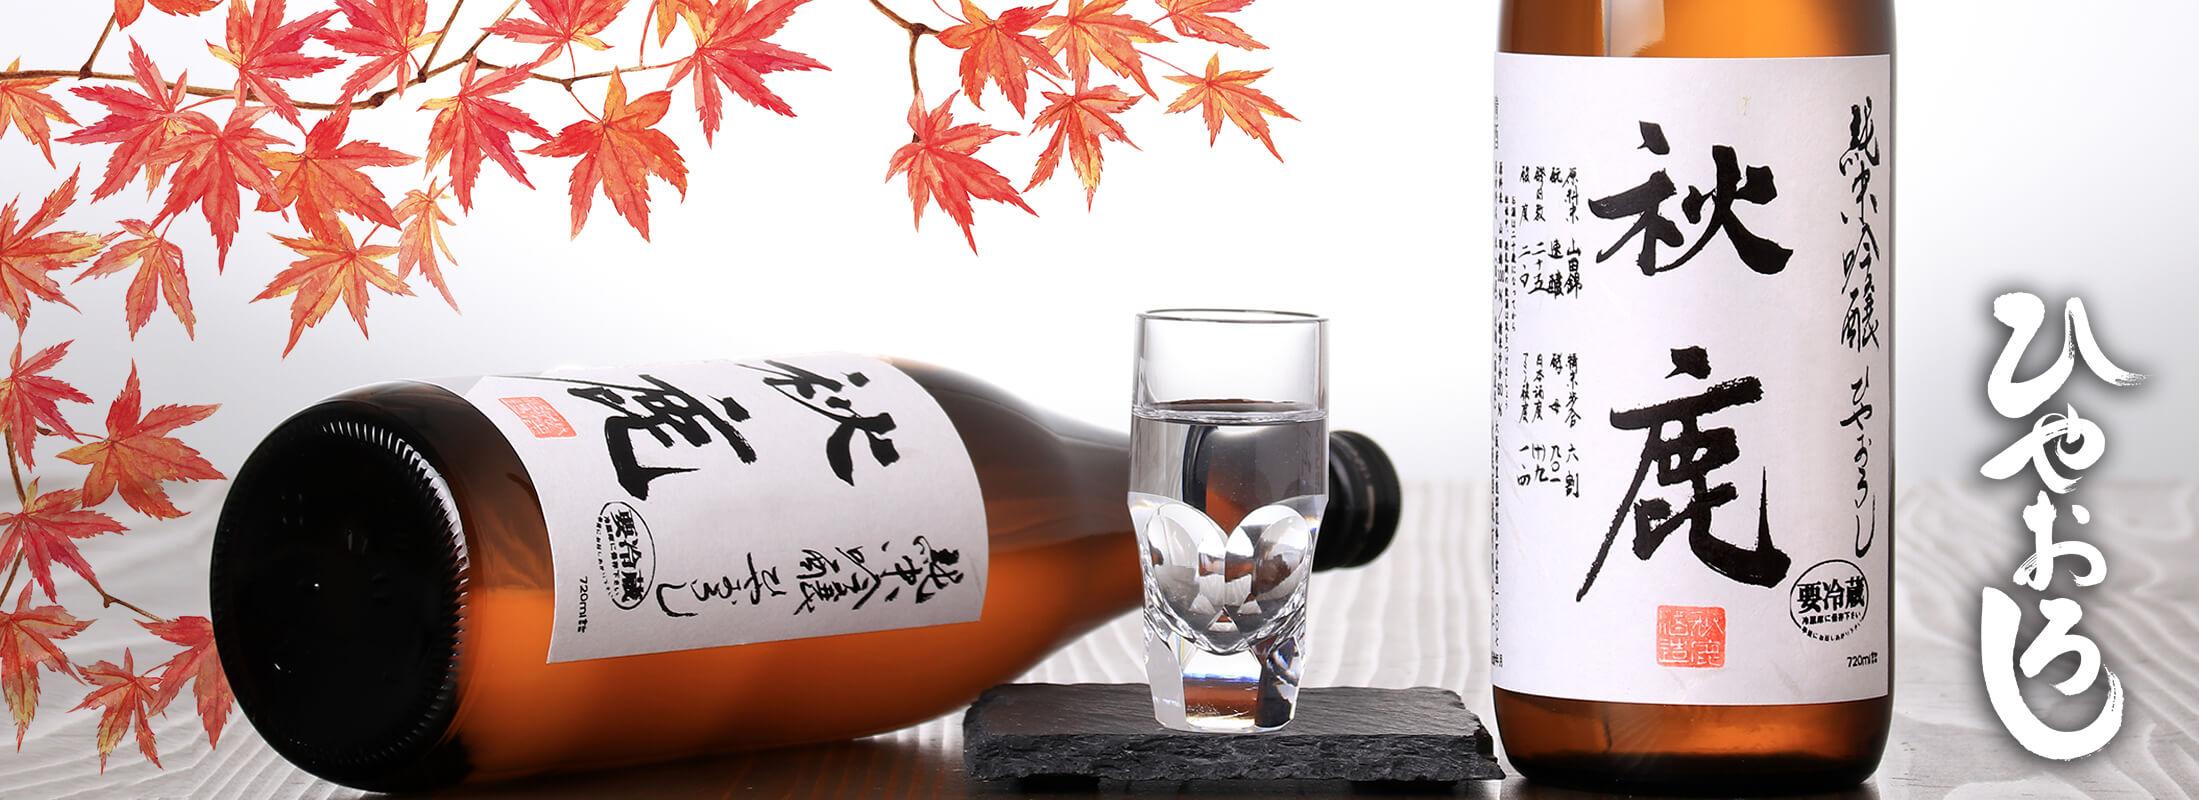 秋鹿 純米吟醸 ひやおろし生詰